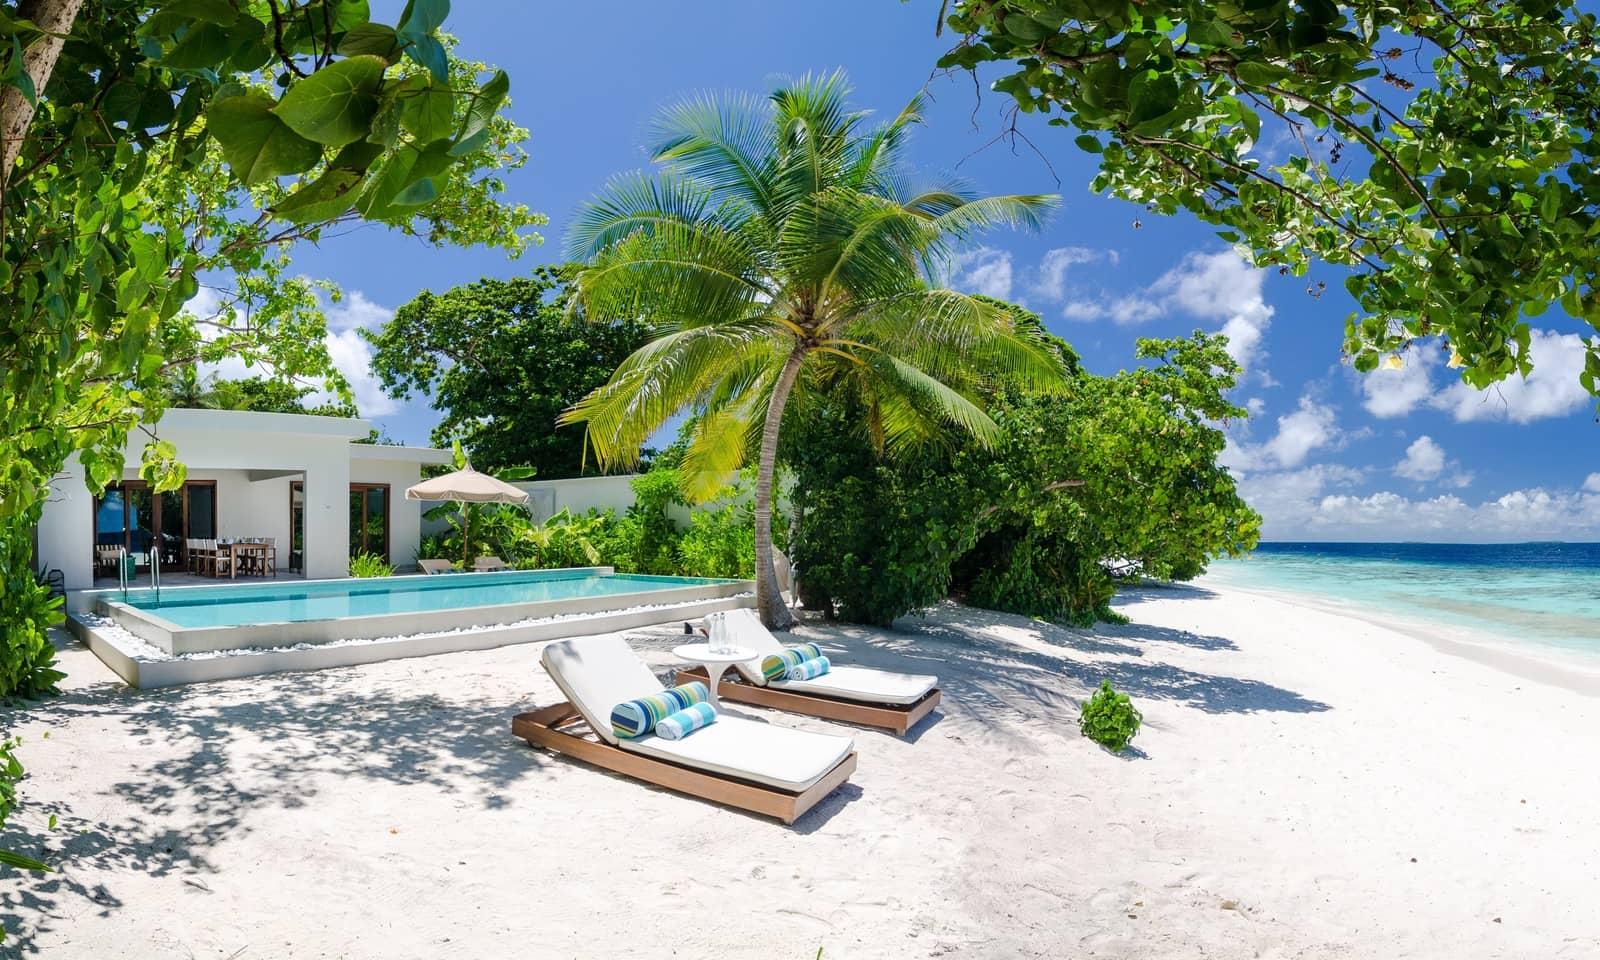 Мальдивы, Отель Amilla Fushi Maldives, номер 2-BedRoom Beach Pool Villa